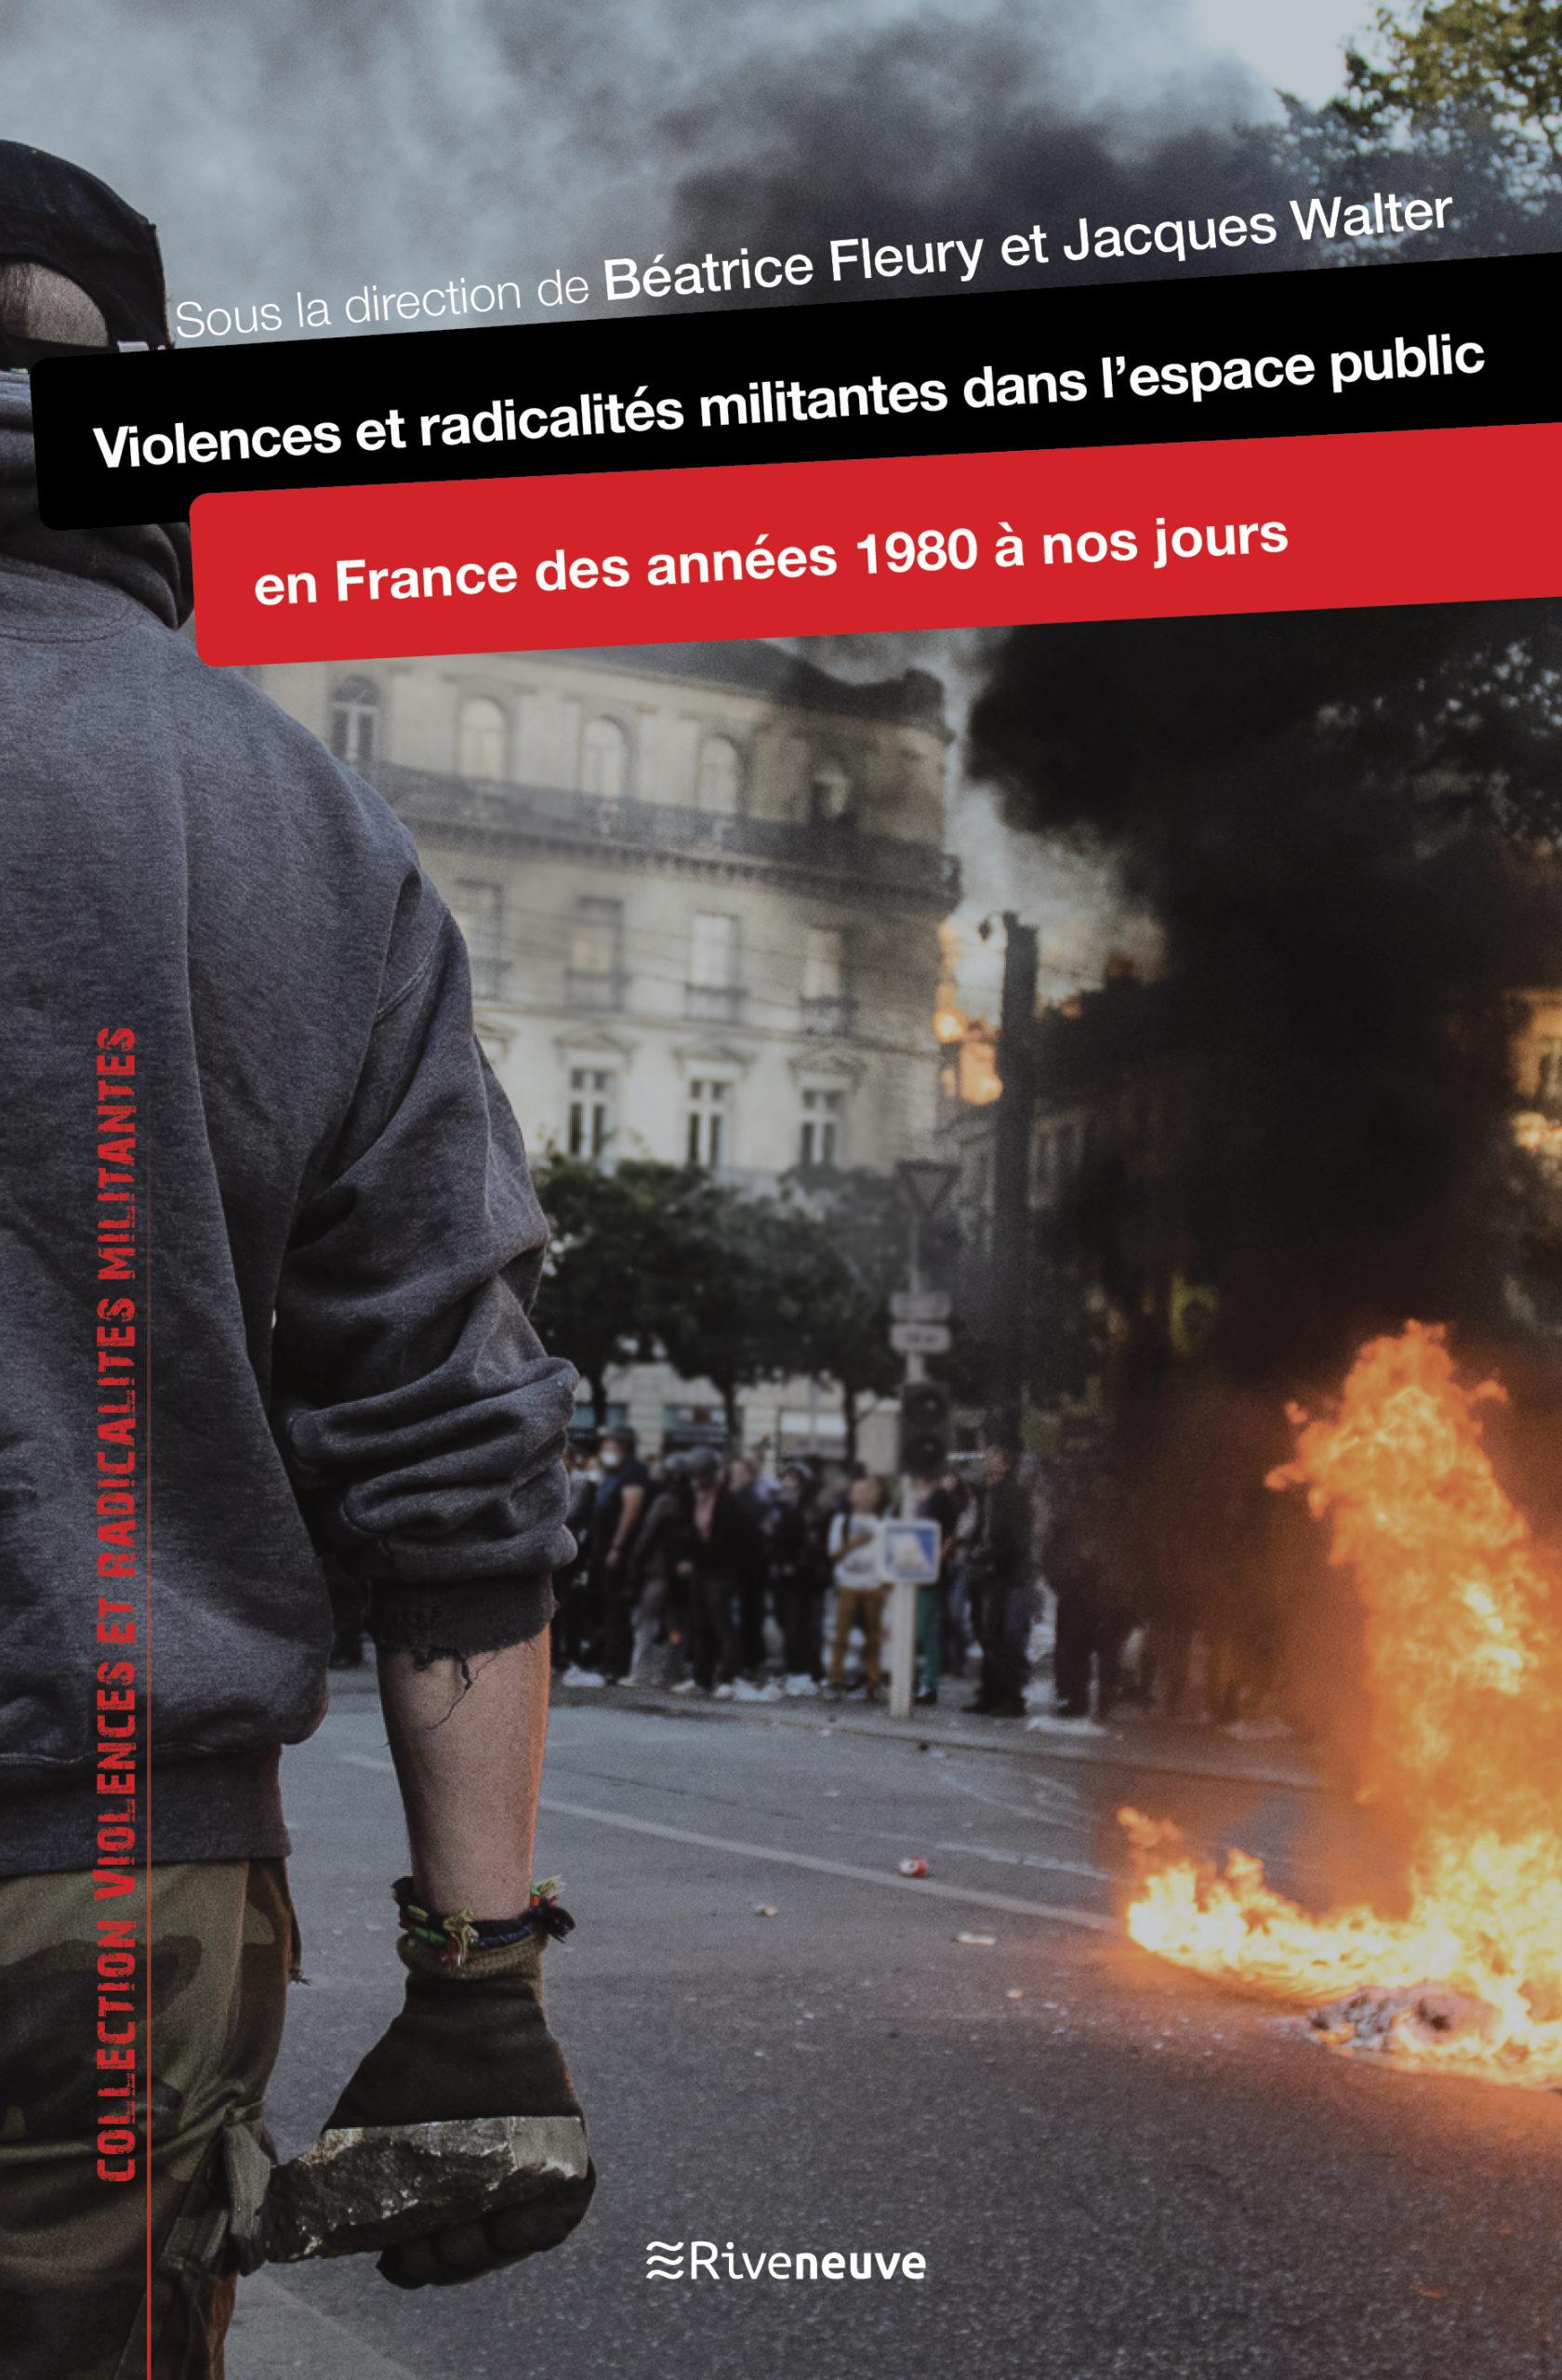 Violences et radicalités militantes dans l'espace public en France, des années 1980 à nos jours